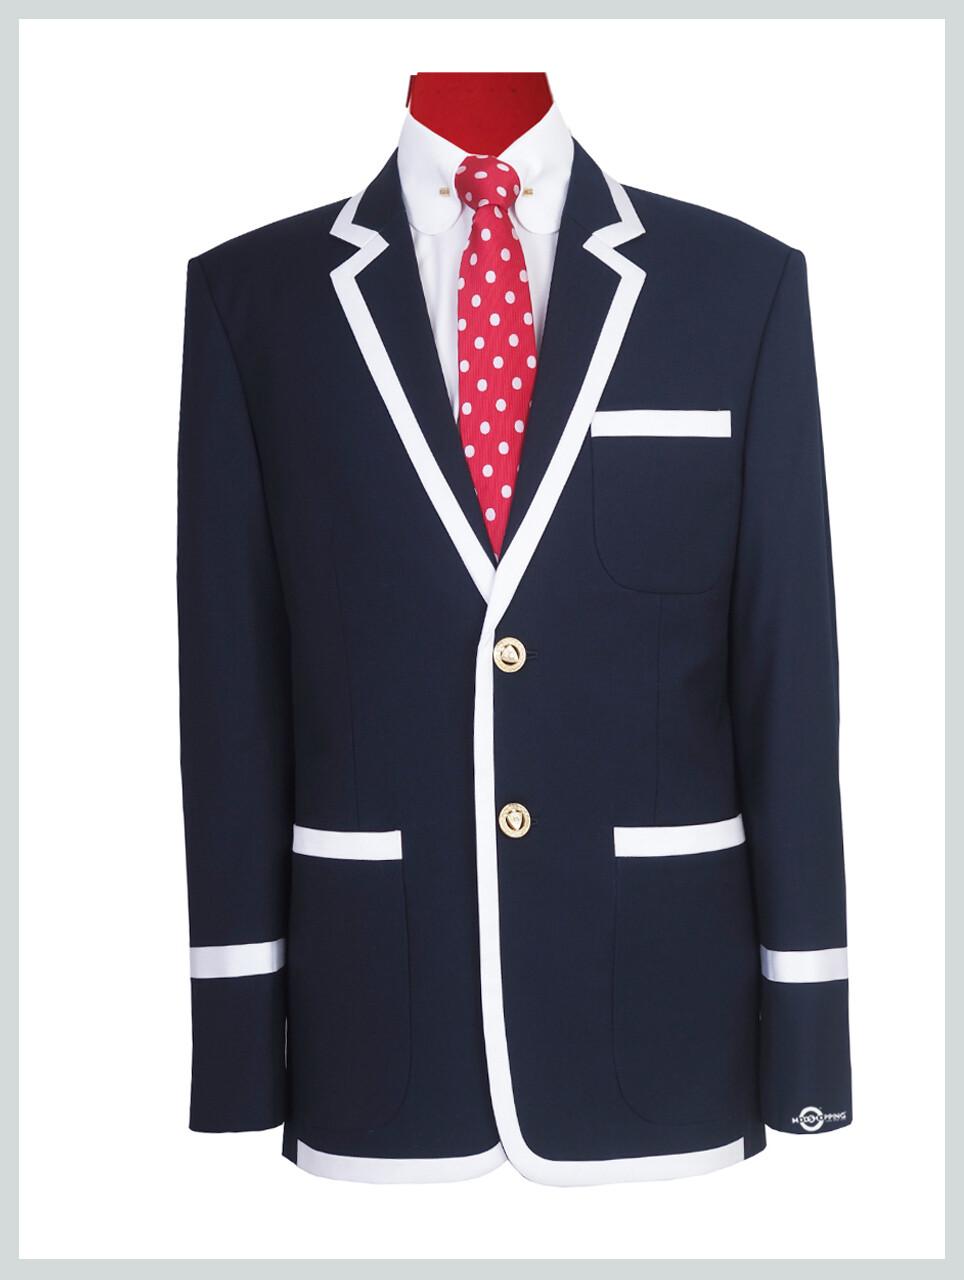 Navy Blue With White Trim Blazer Jacket